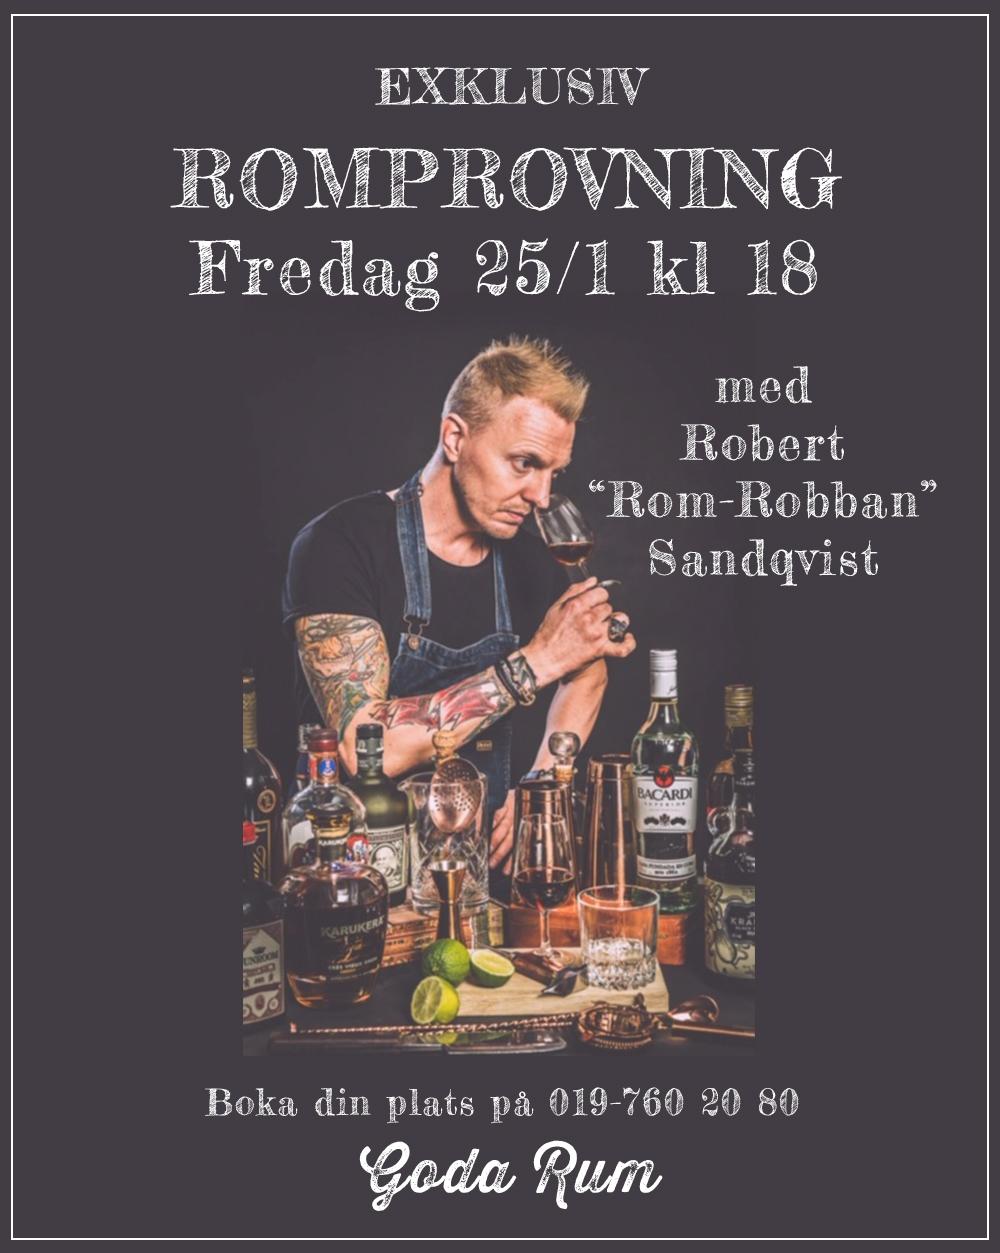 Romprov webb